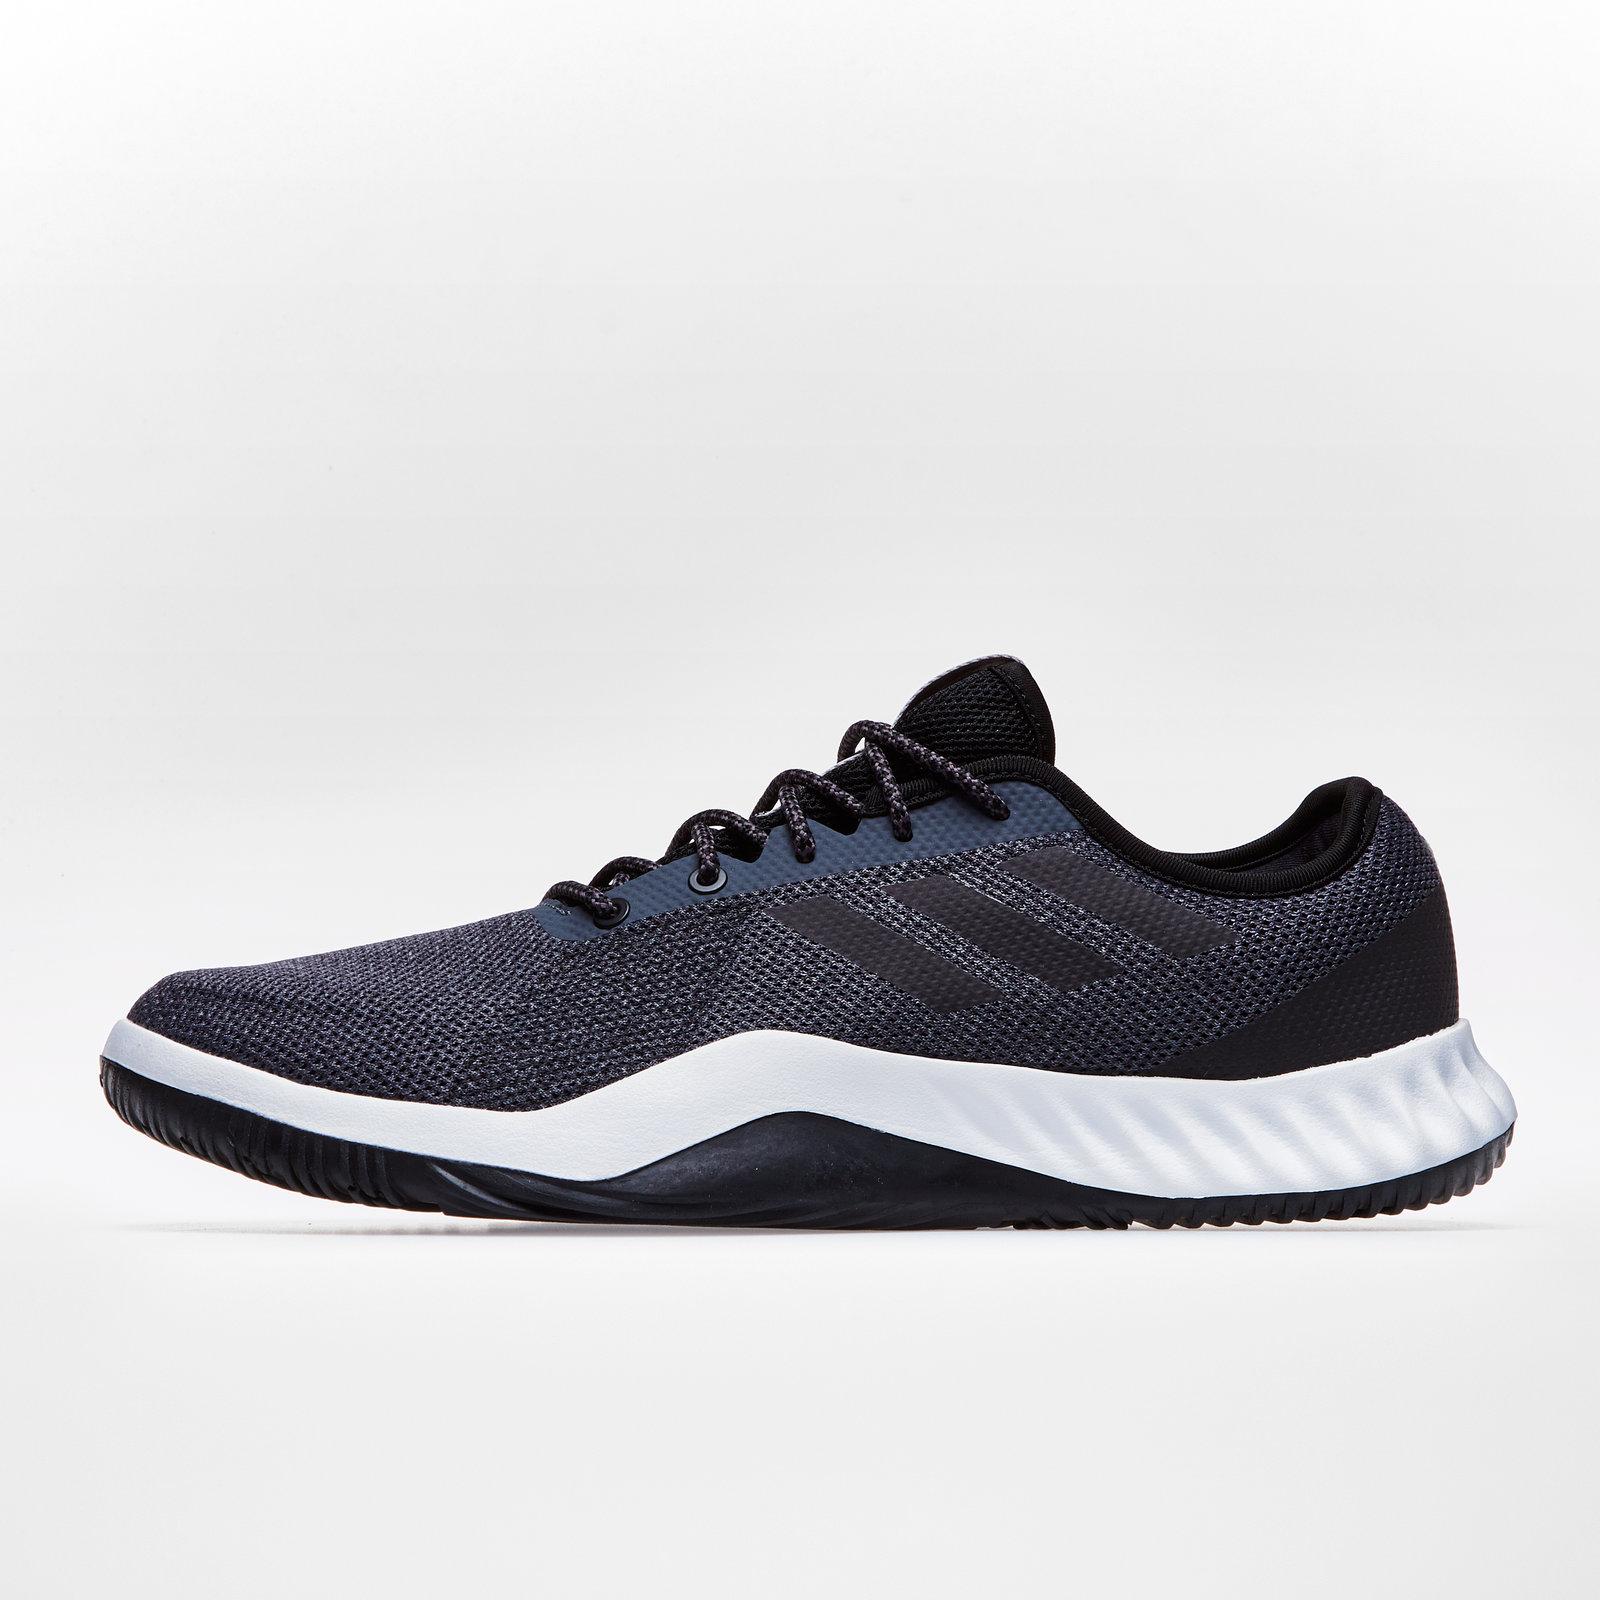 best loved d62fe 19af2 adidas Mens CrazyTrain LT Training Shoes Grey